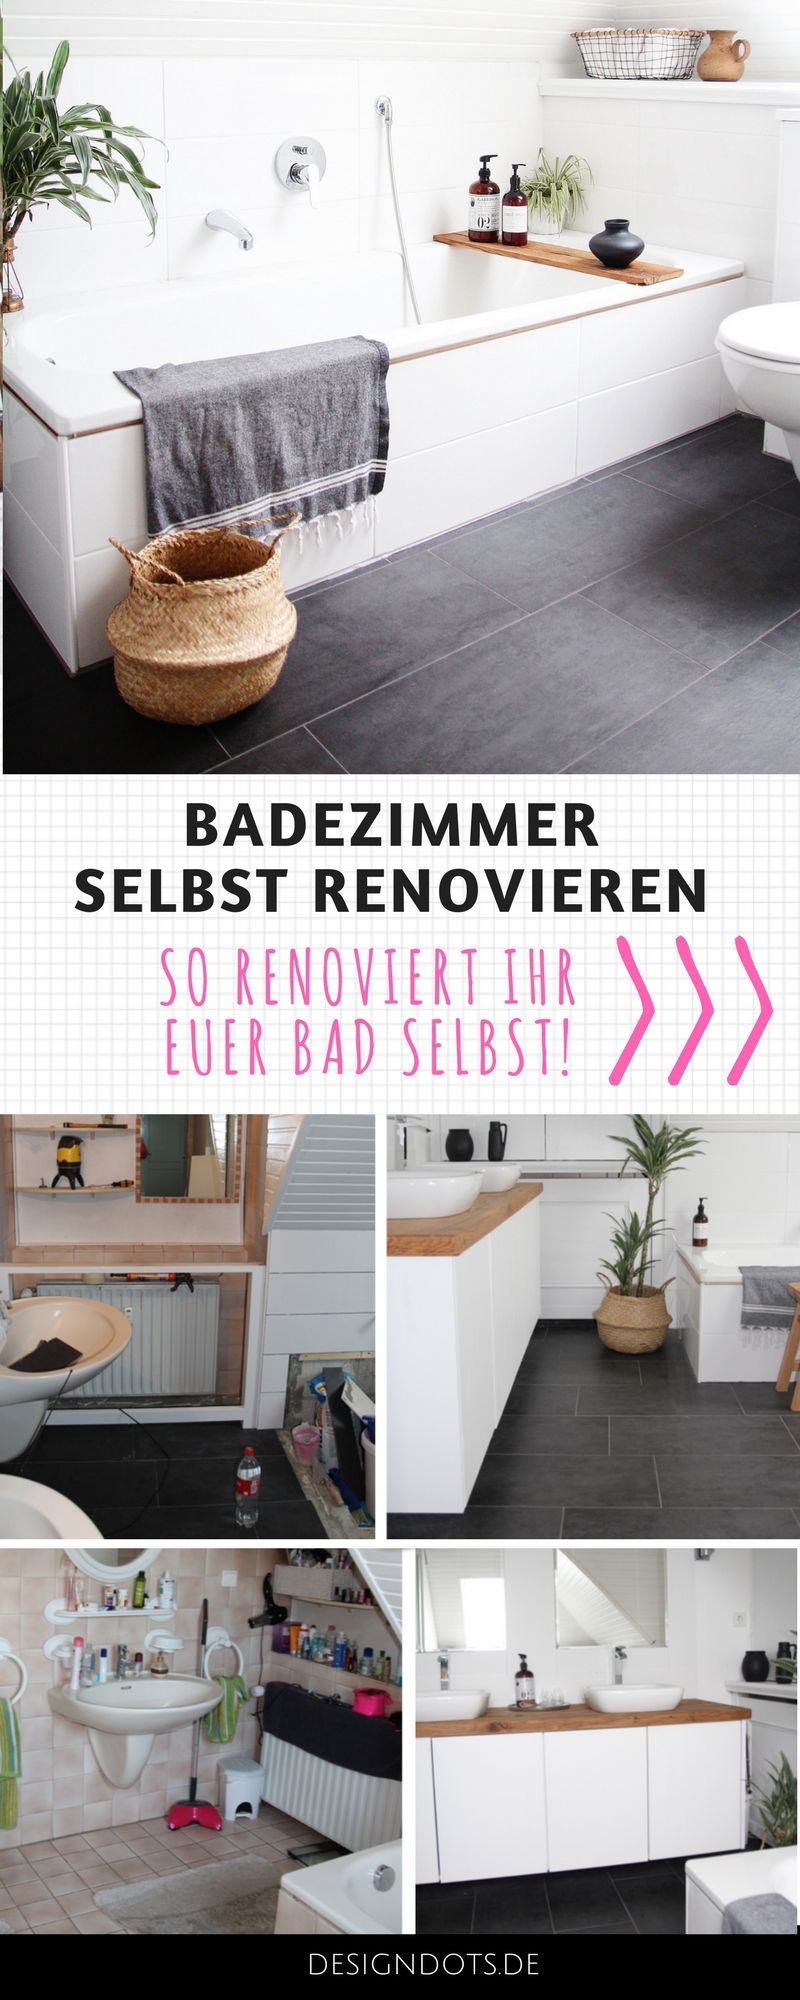 Badezimmer selbst renovieren  BAD Ideen Deko renovieren